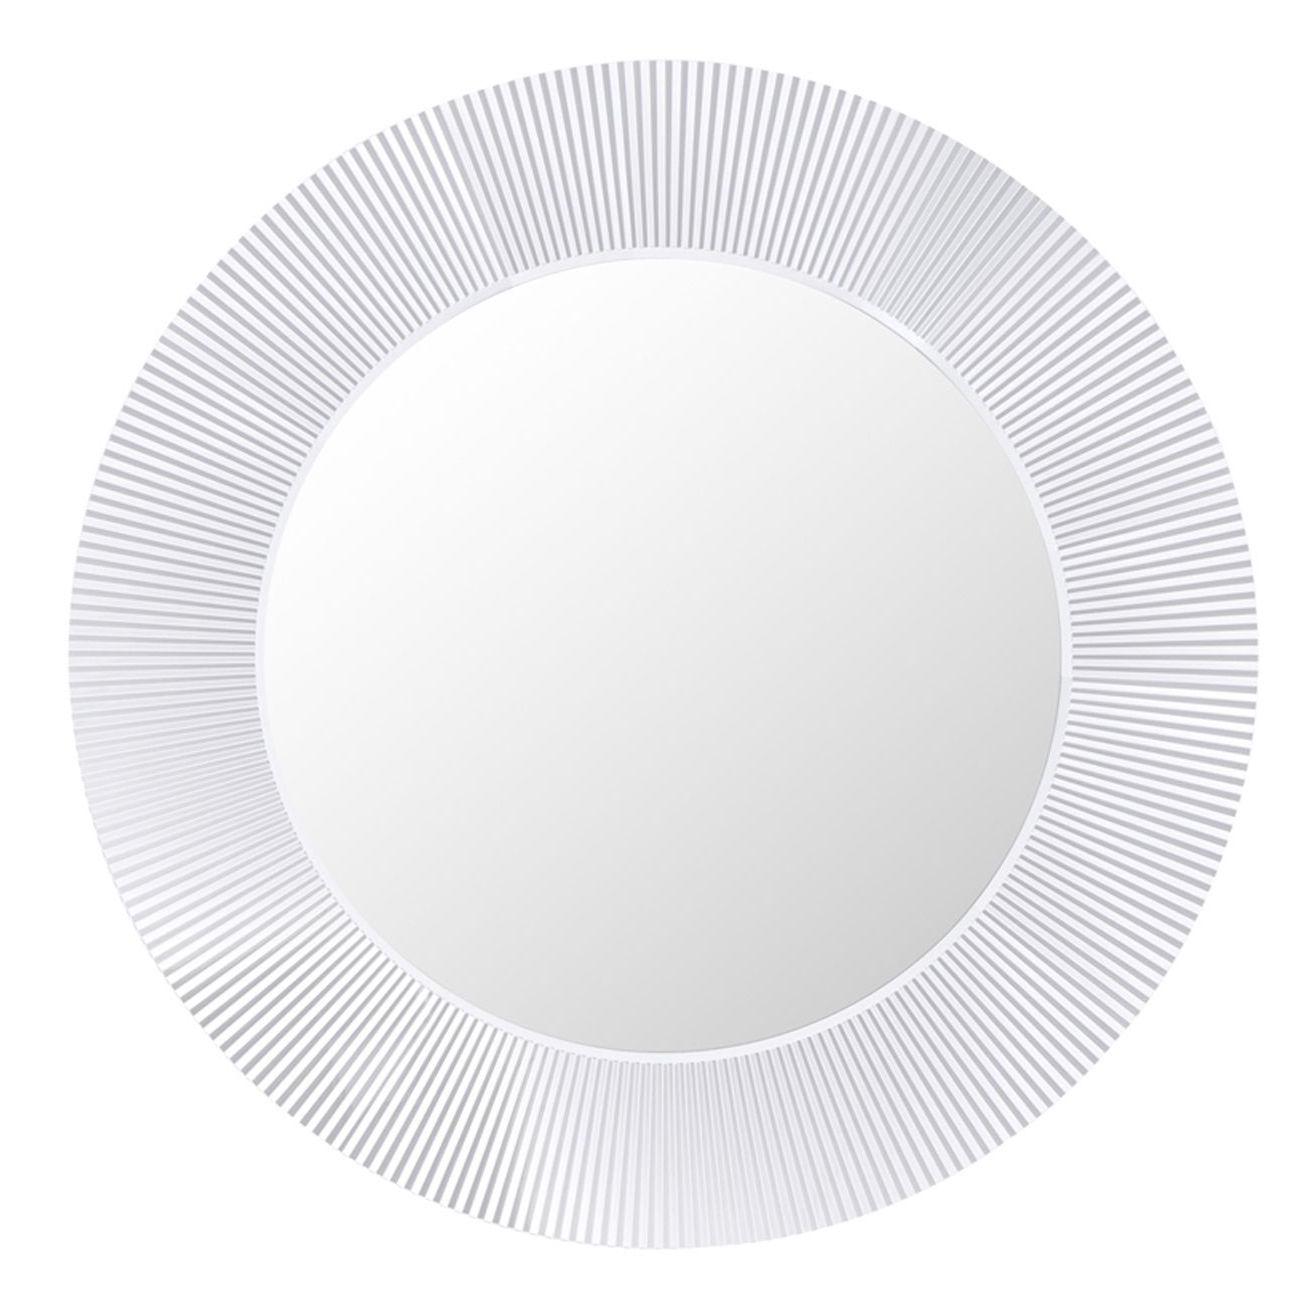 Accessoires - Accessoires salle de bains - Miroir lumineux All Saints LED / Ø 78 cm - Kartell - Cristal - Miroir, PMMA